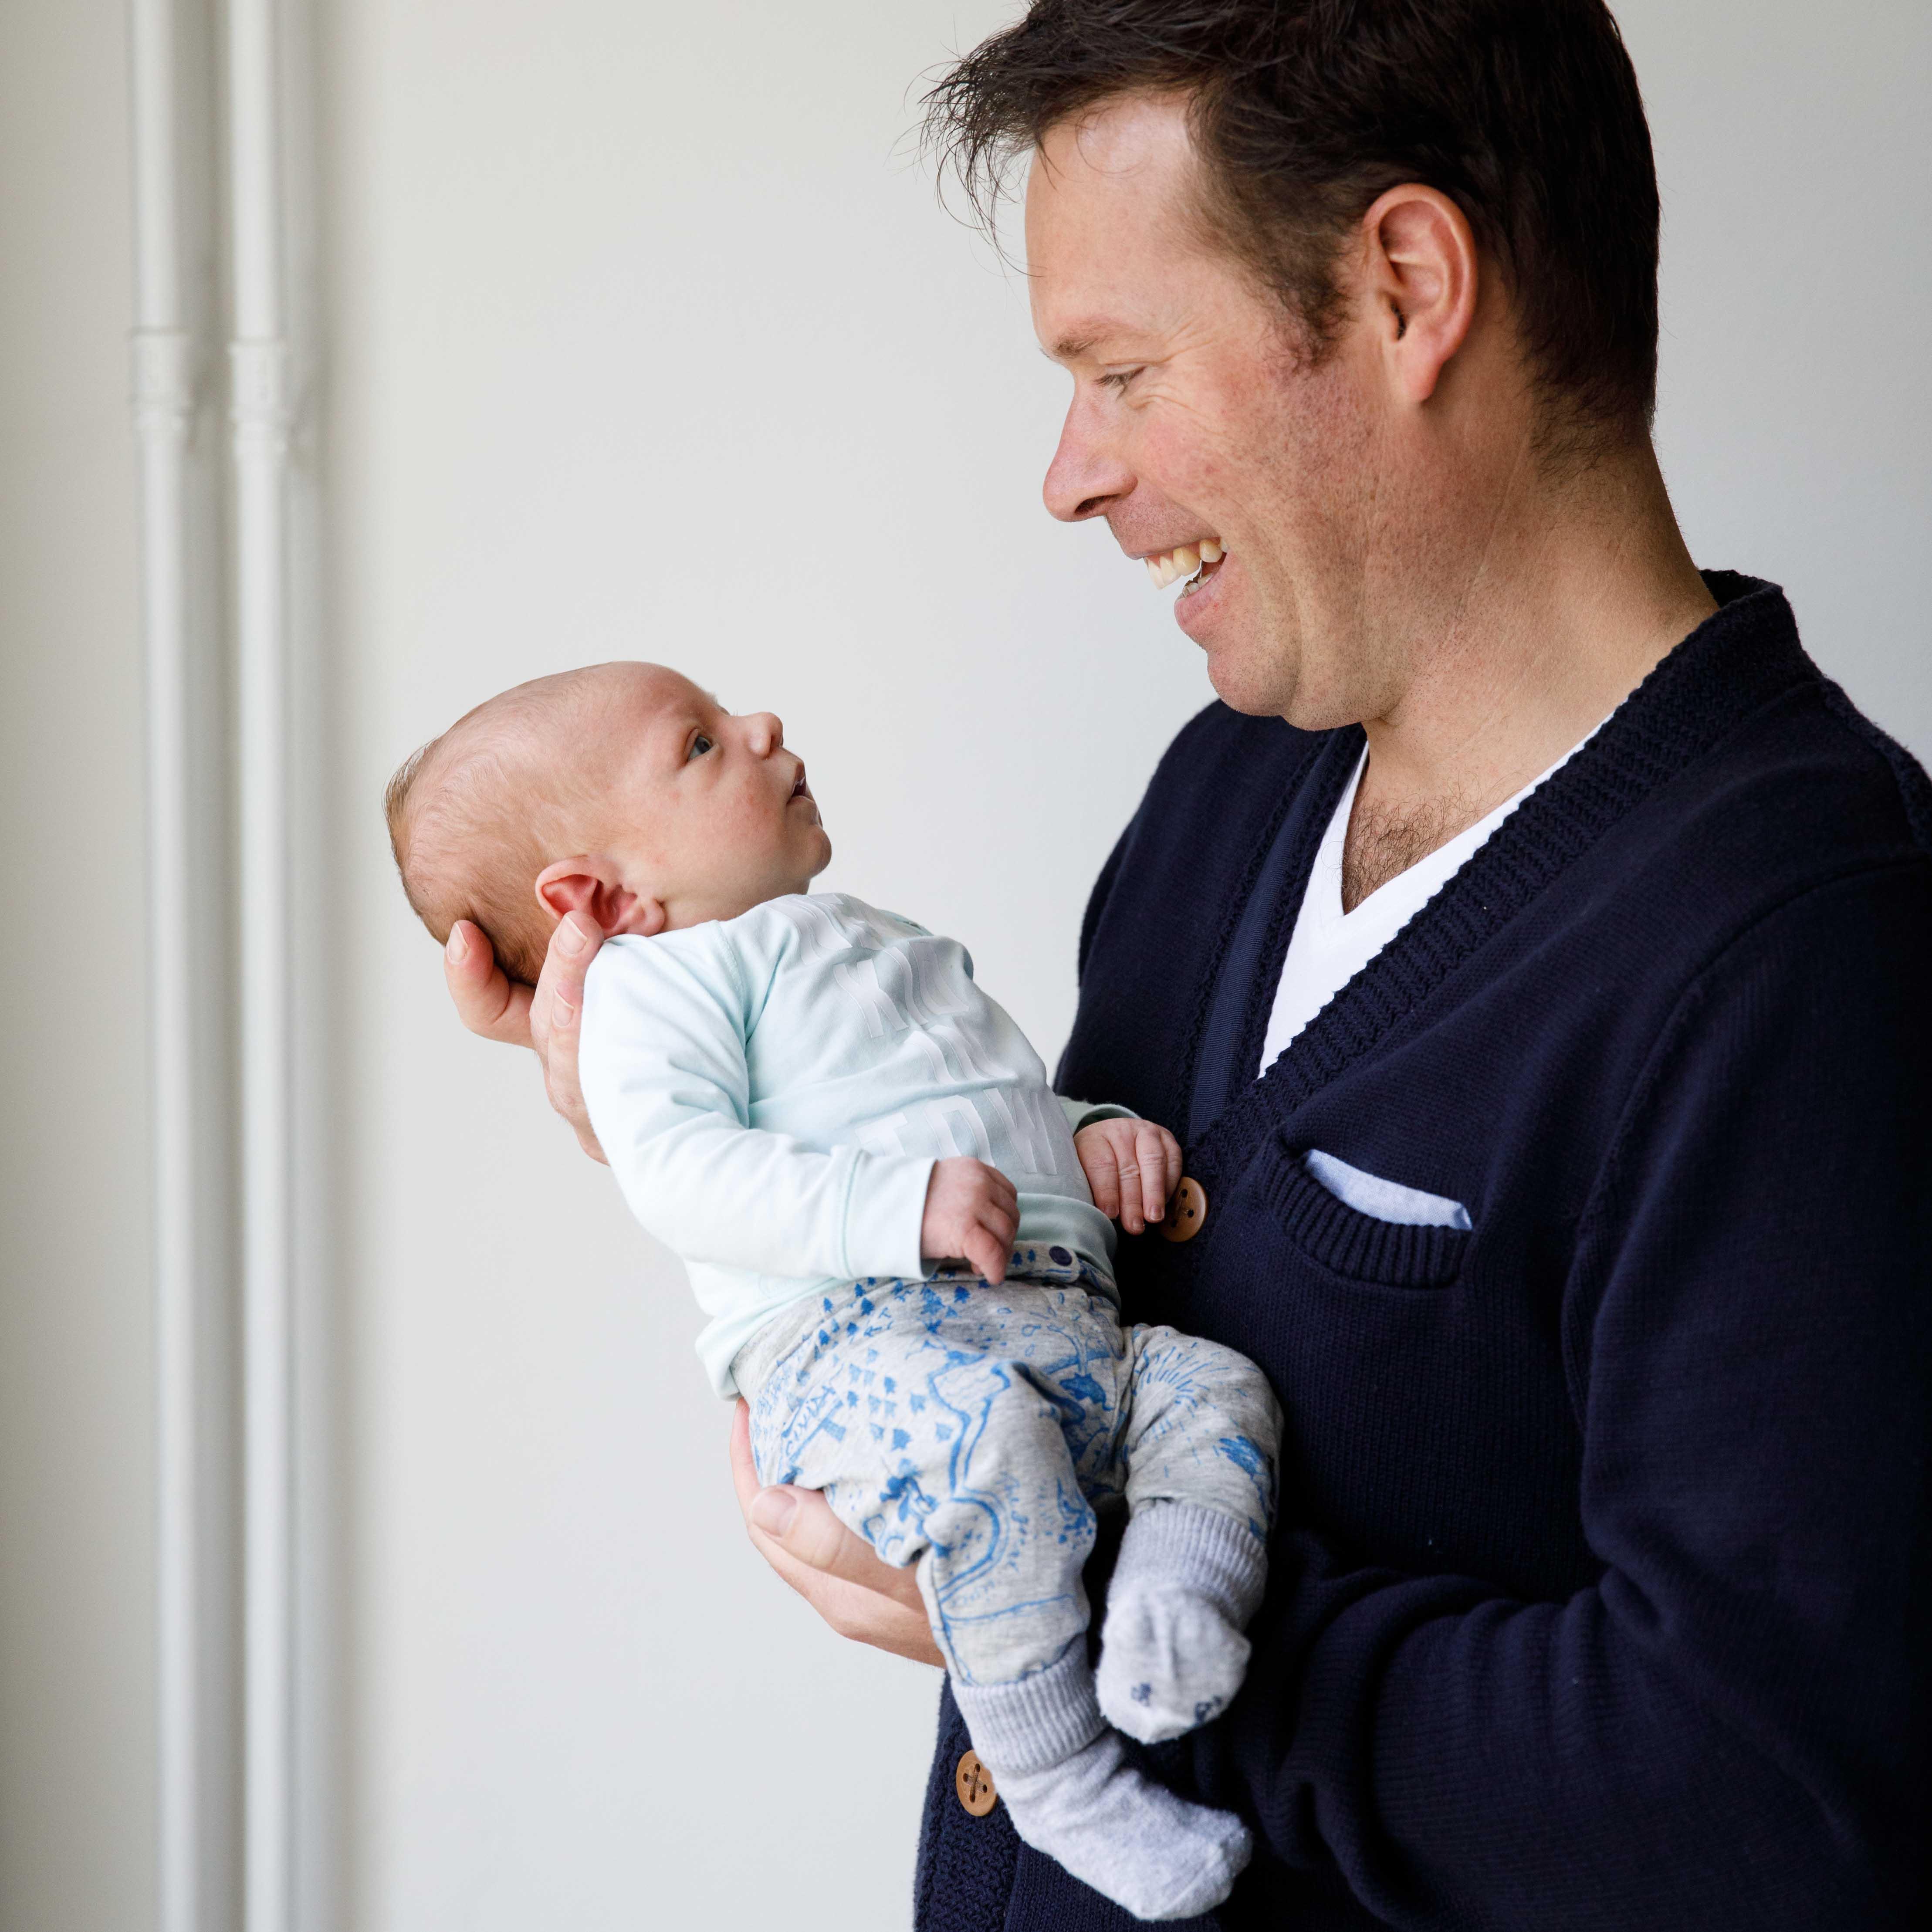 Babyshoot Daan 089a Marit van den Berg Photography